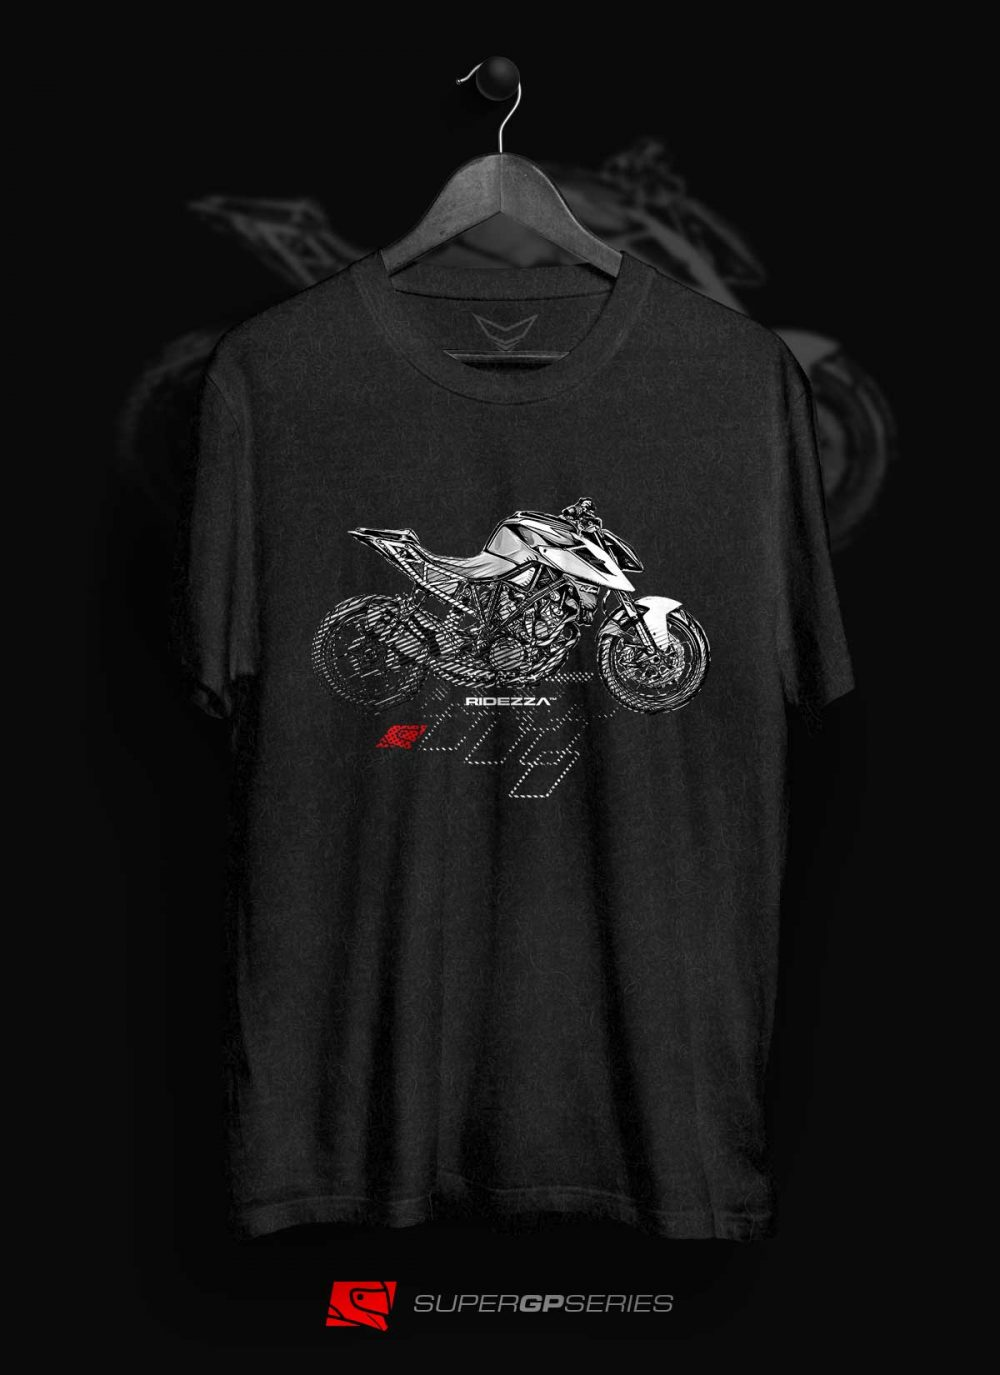 Ridezza 1290 Super Duke SuperGP Series T-Shirt